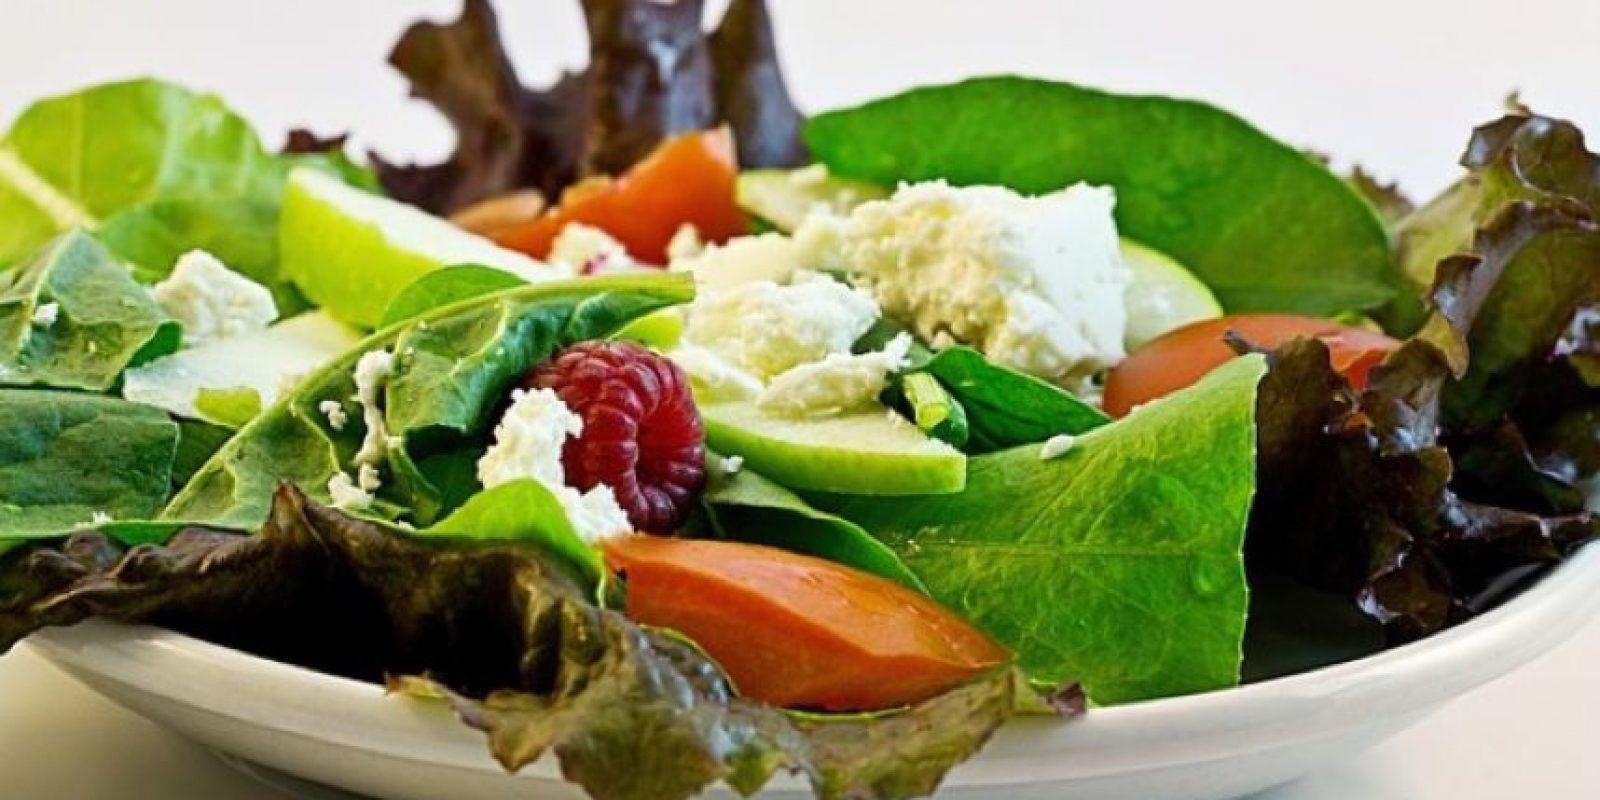 Fuentes de grasas primarias incluyen el aceite de oliva, pescado y cereales no refinados. Foto:Pixabay